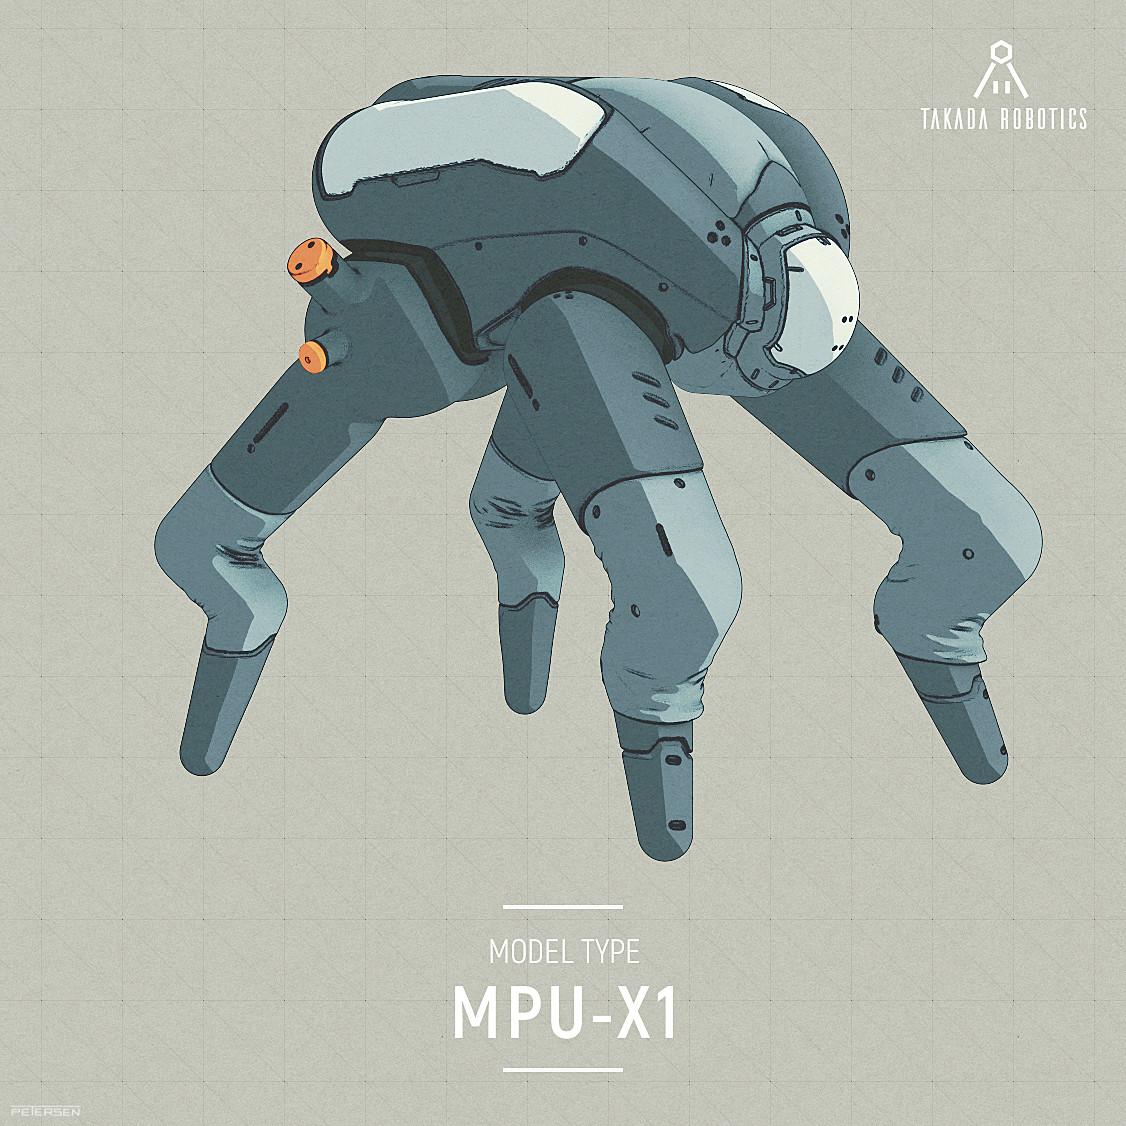 The MPU-X1